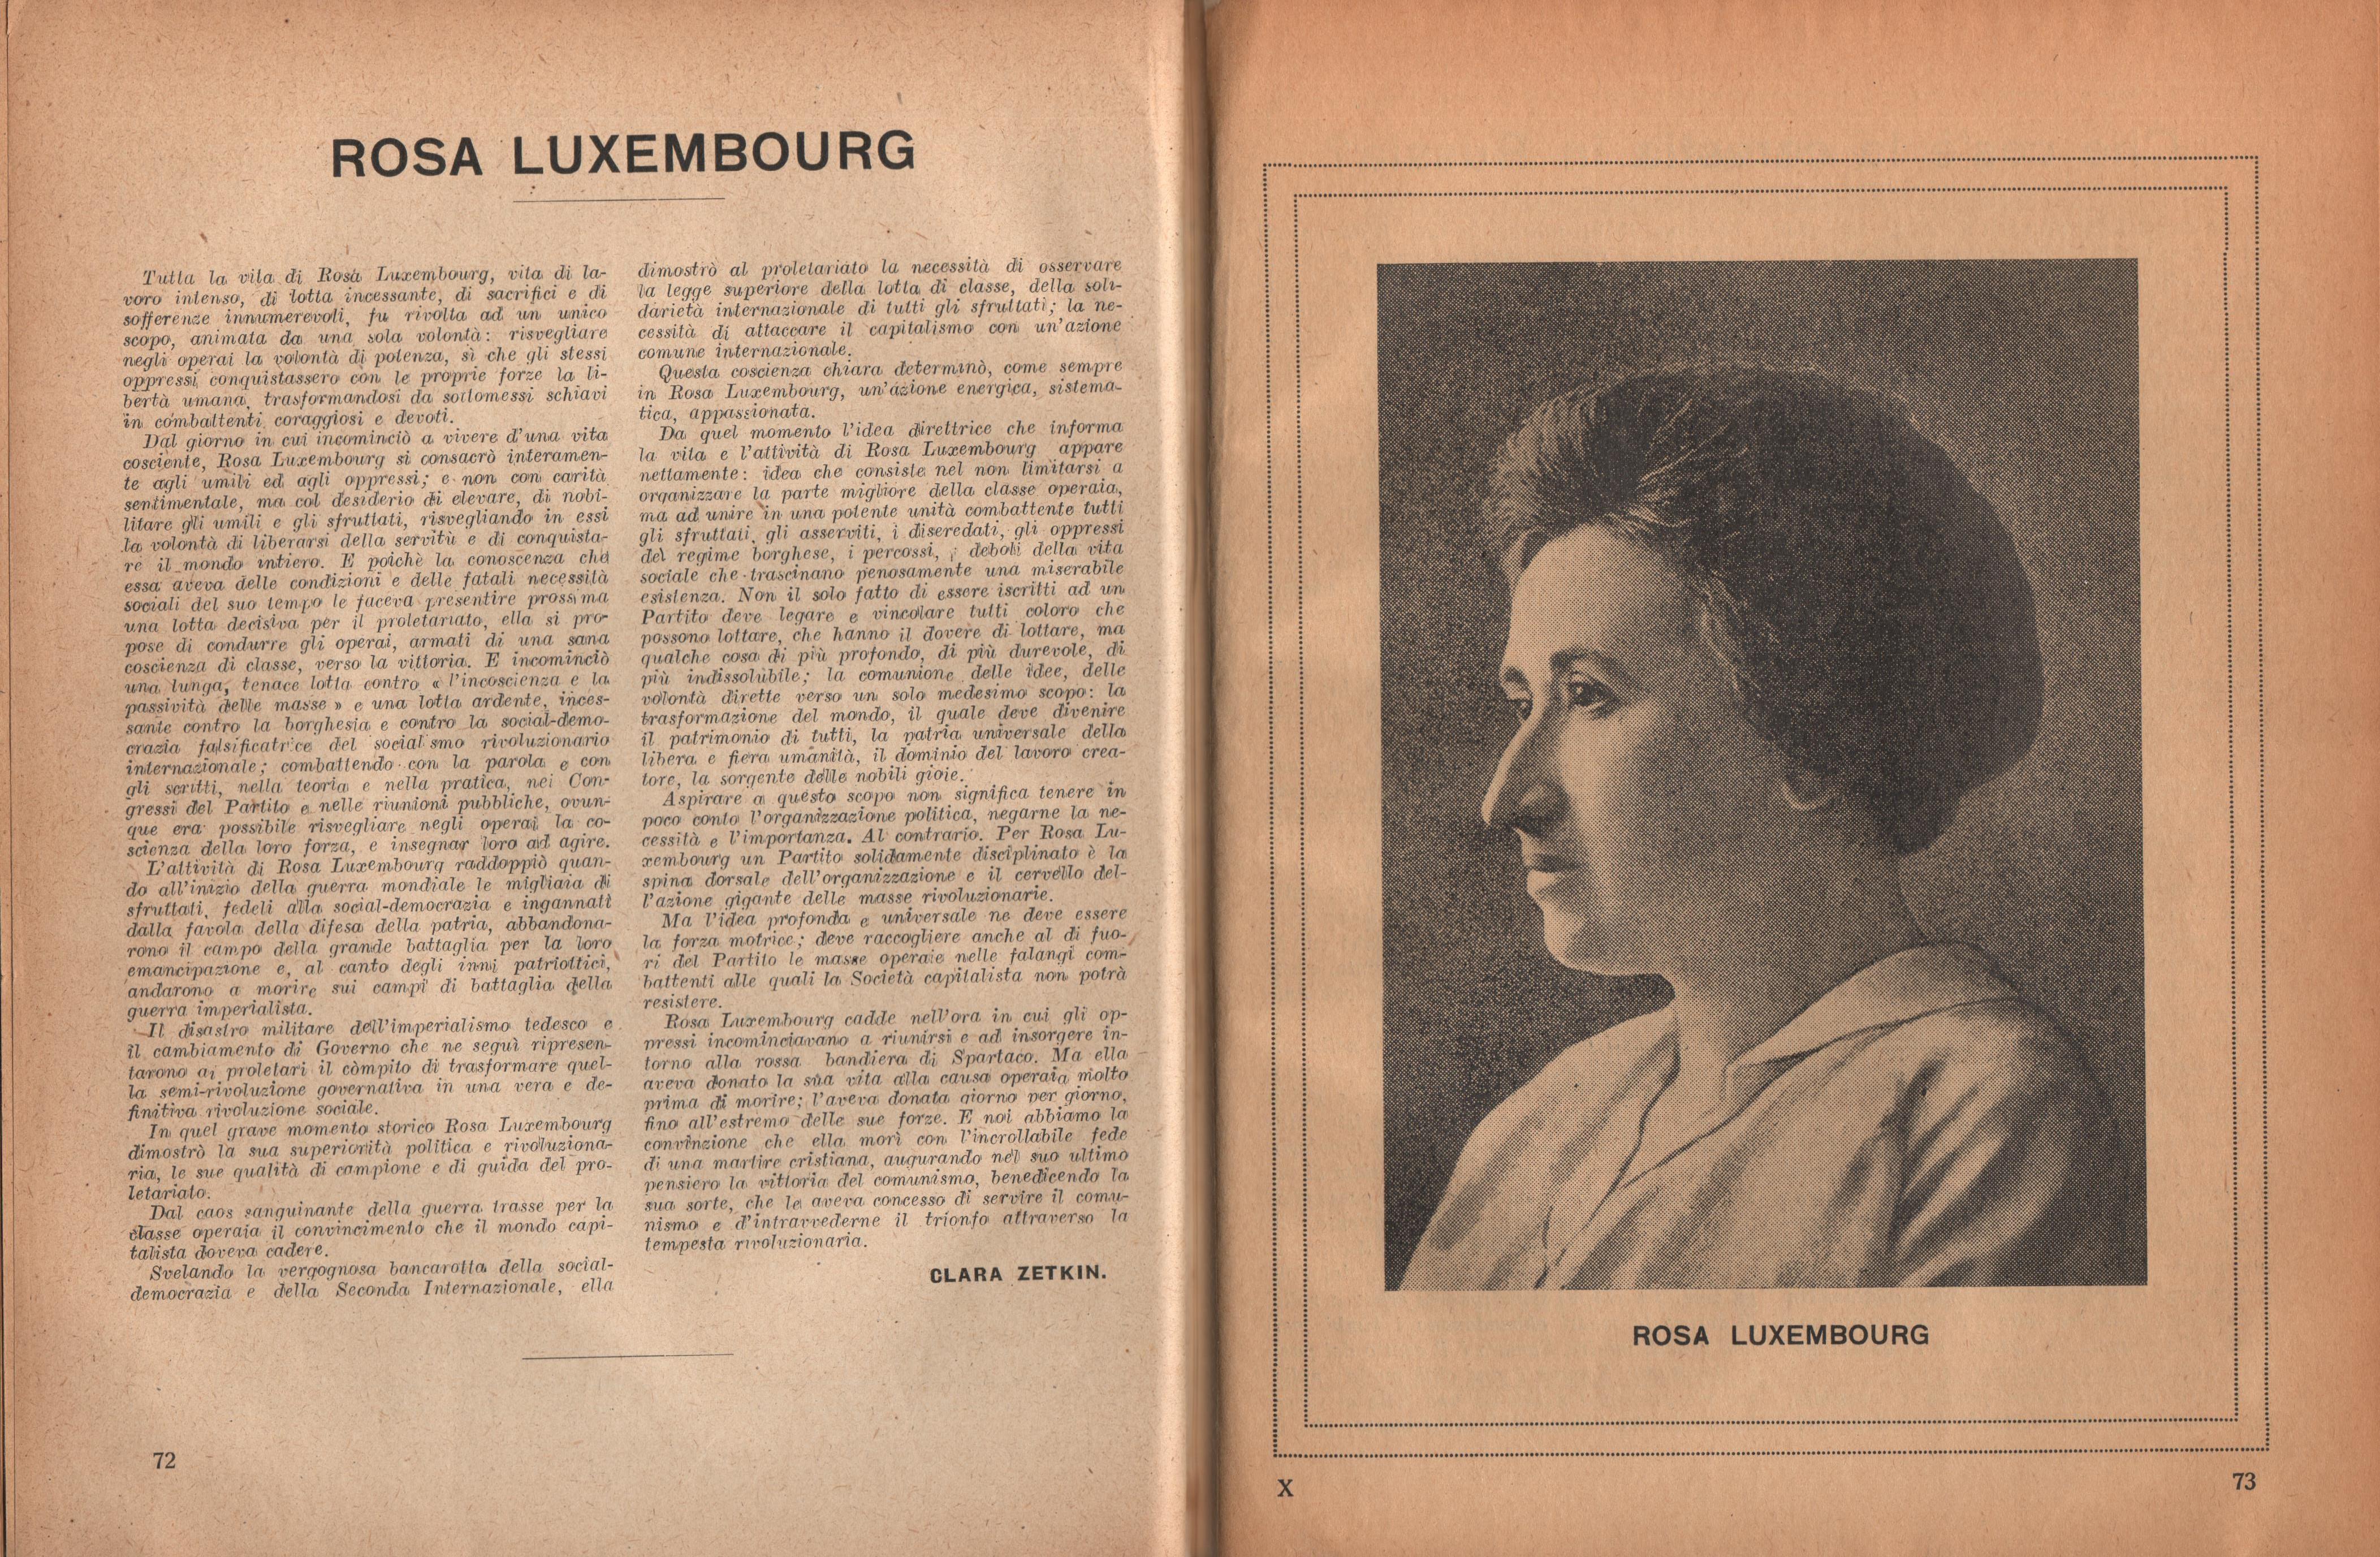 Almanacco comunista 1922 - pag. 44